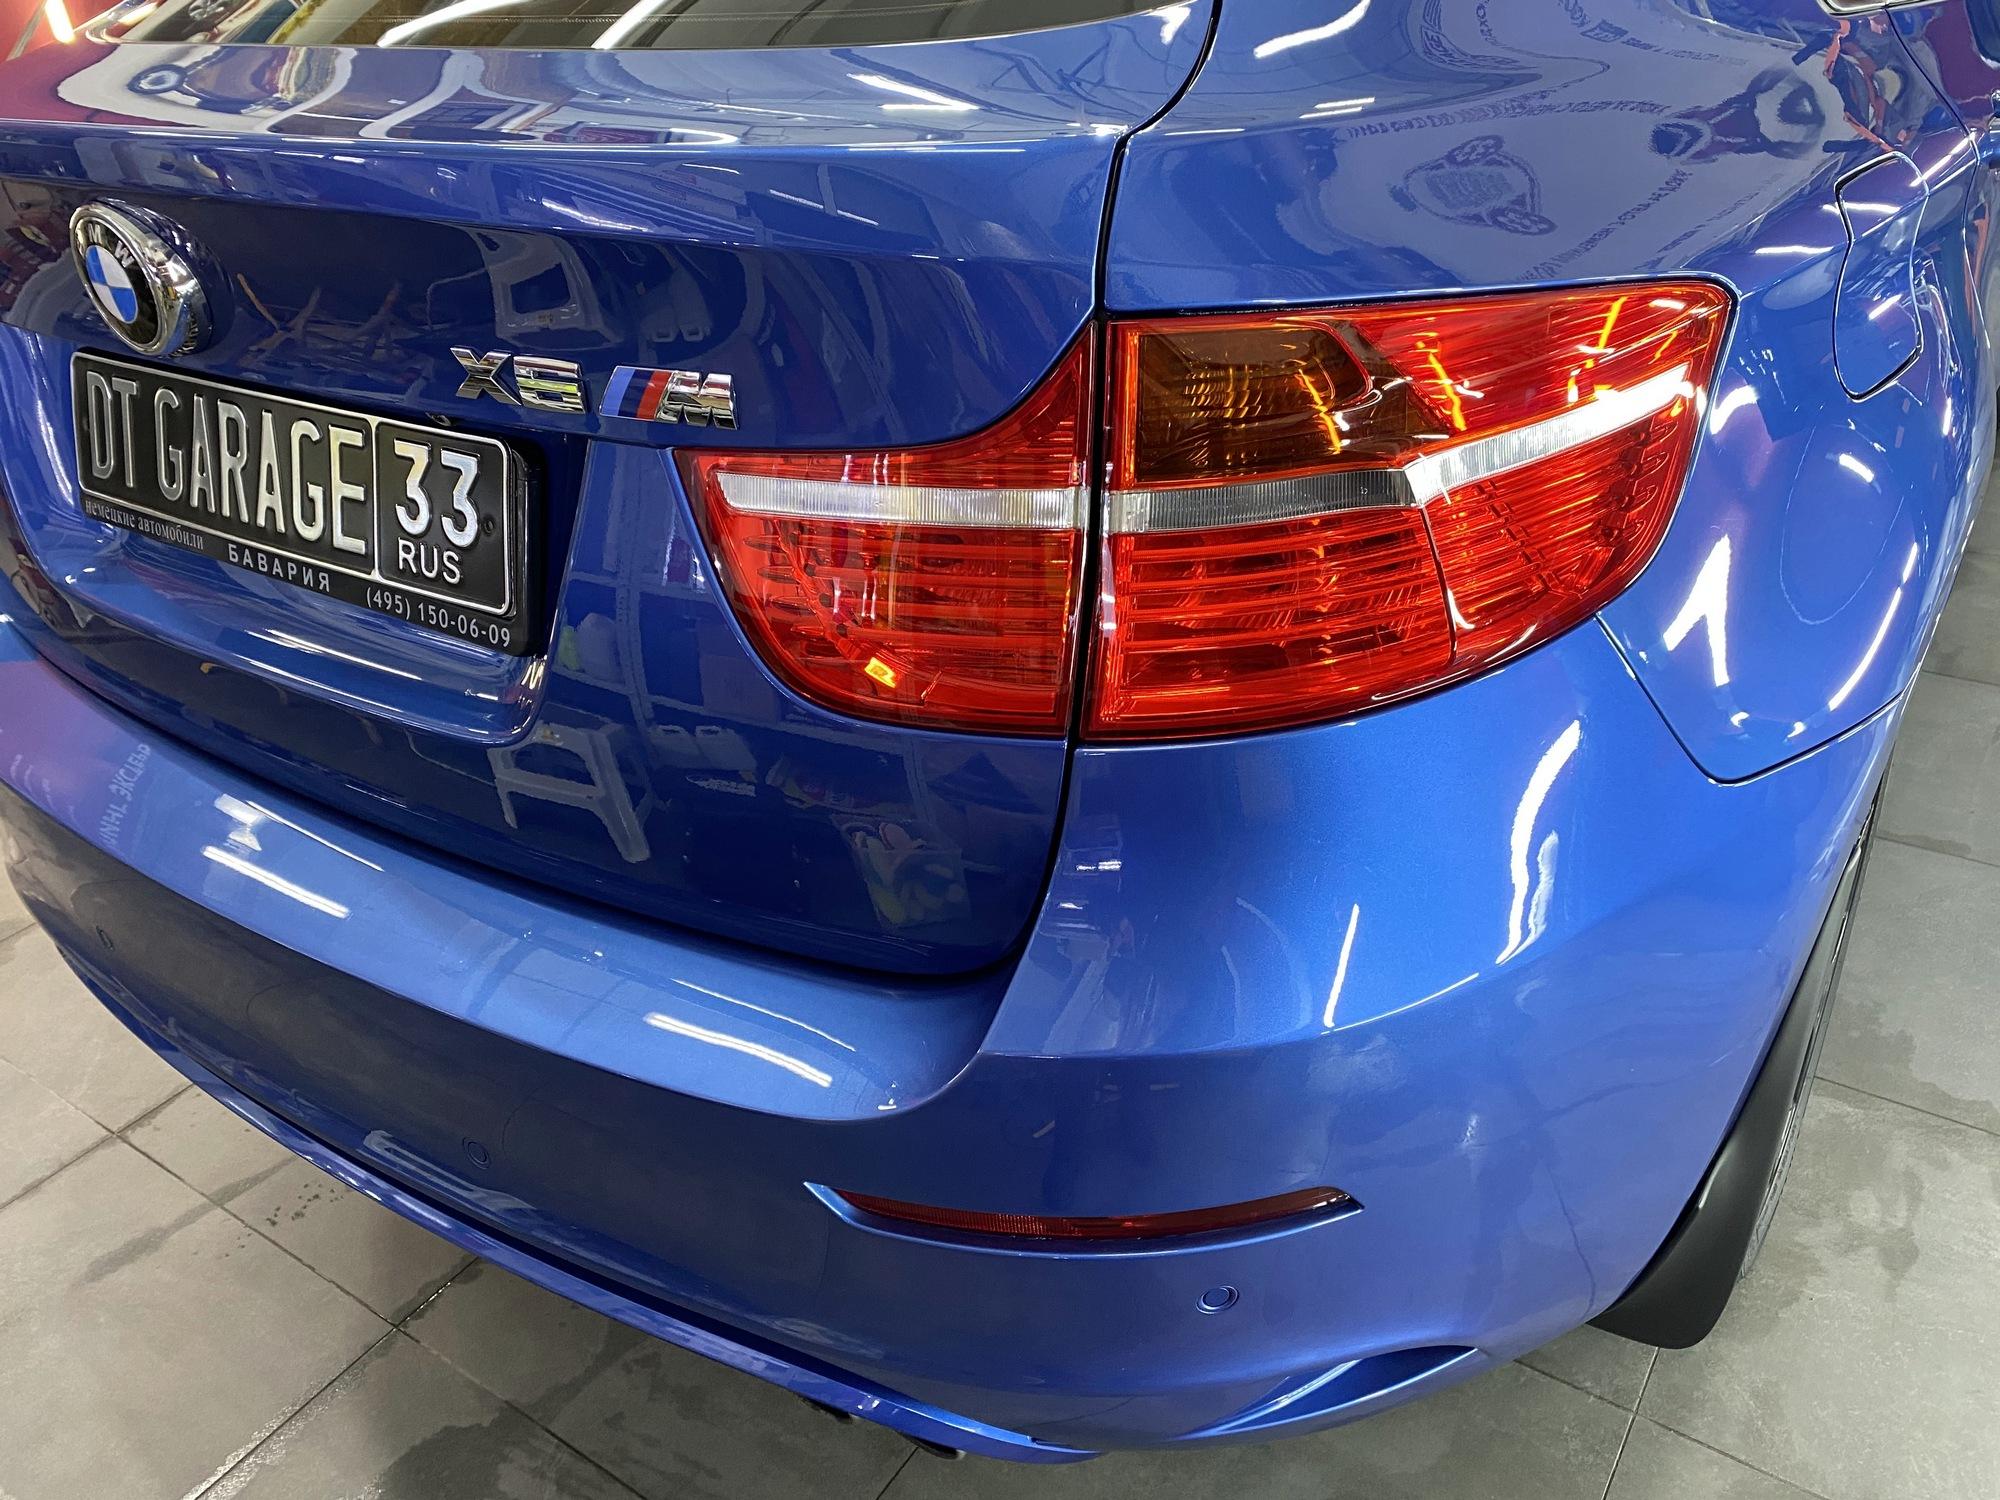 Смотреть на фото задние фонари автомобиля BMW после обработки водоотталкивающим составом.